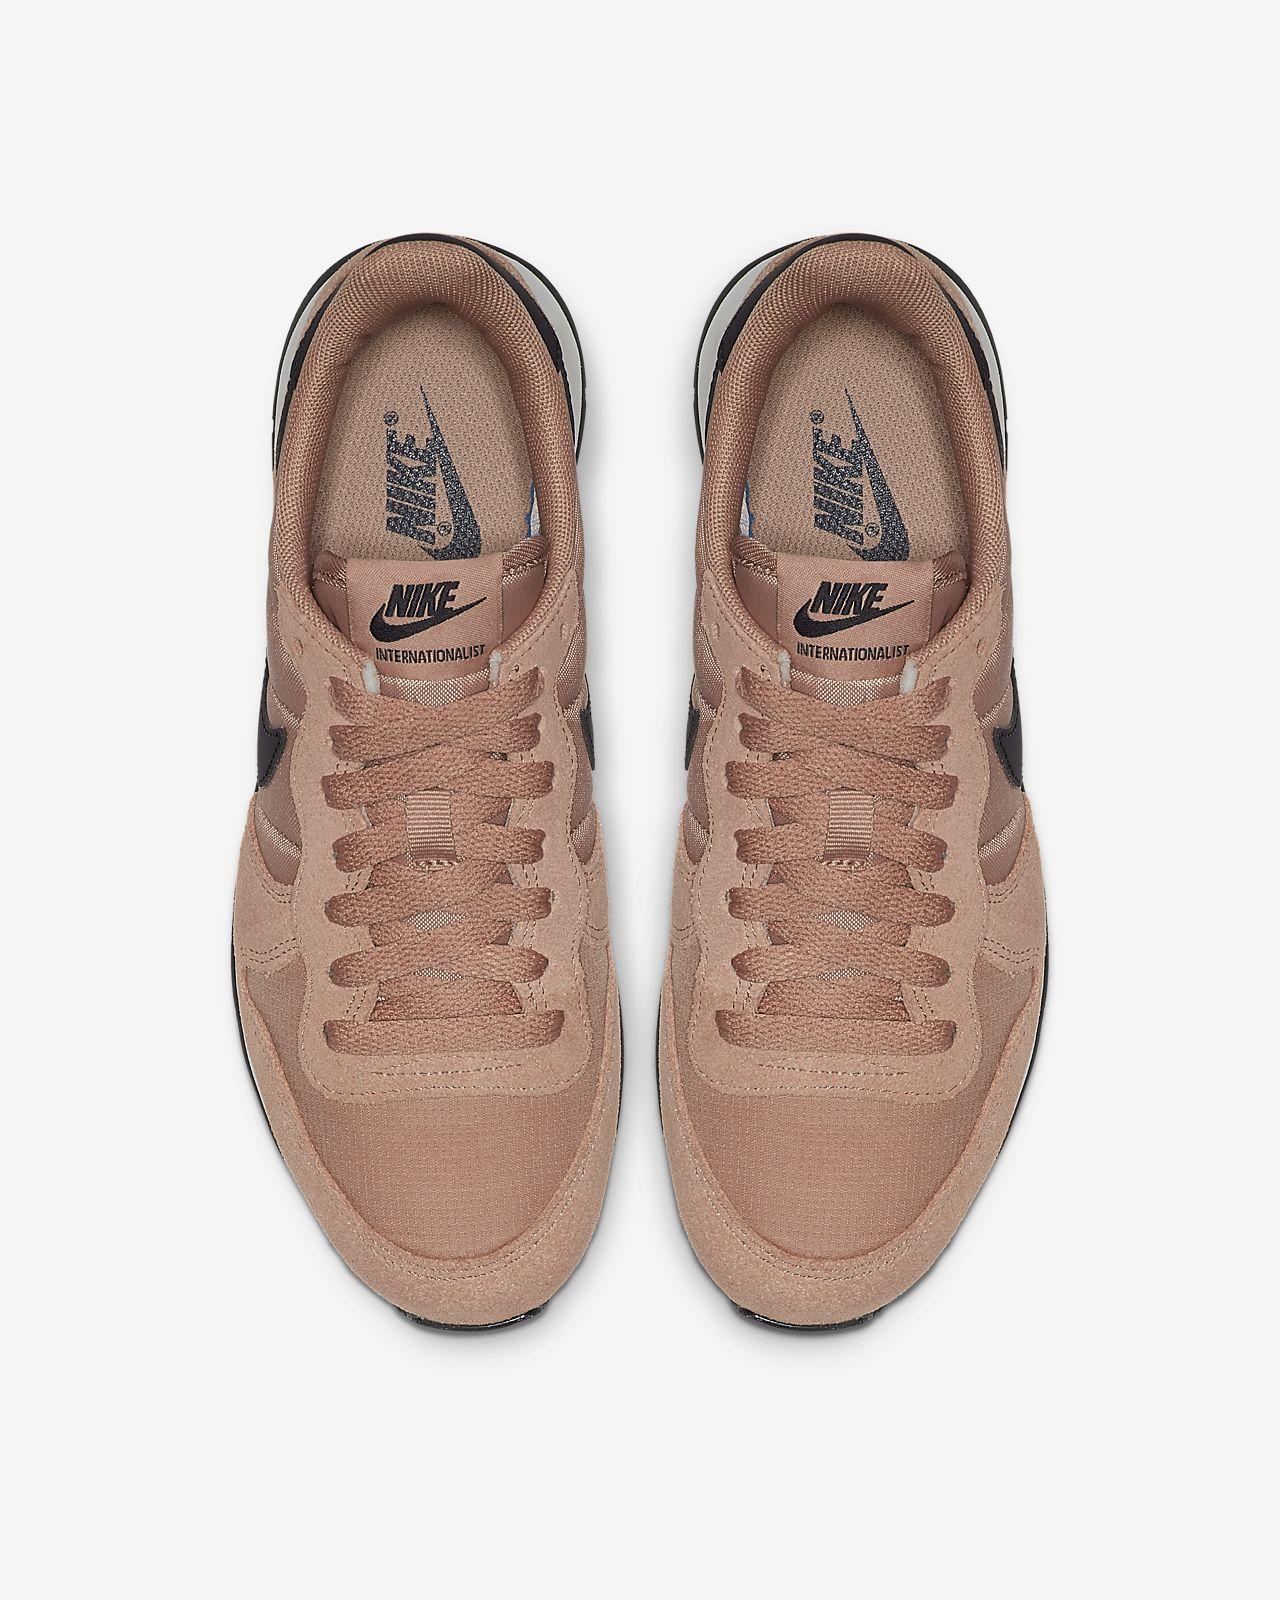 7fb5e6f86dd5 Low Resolution Nike Internationalist Women s Shoe Nike Internationalist  Women s Shoe